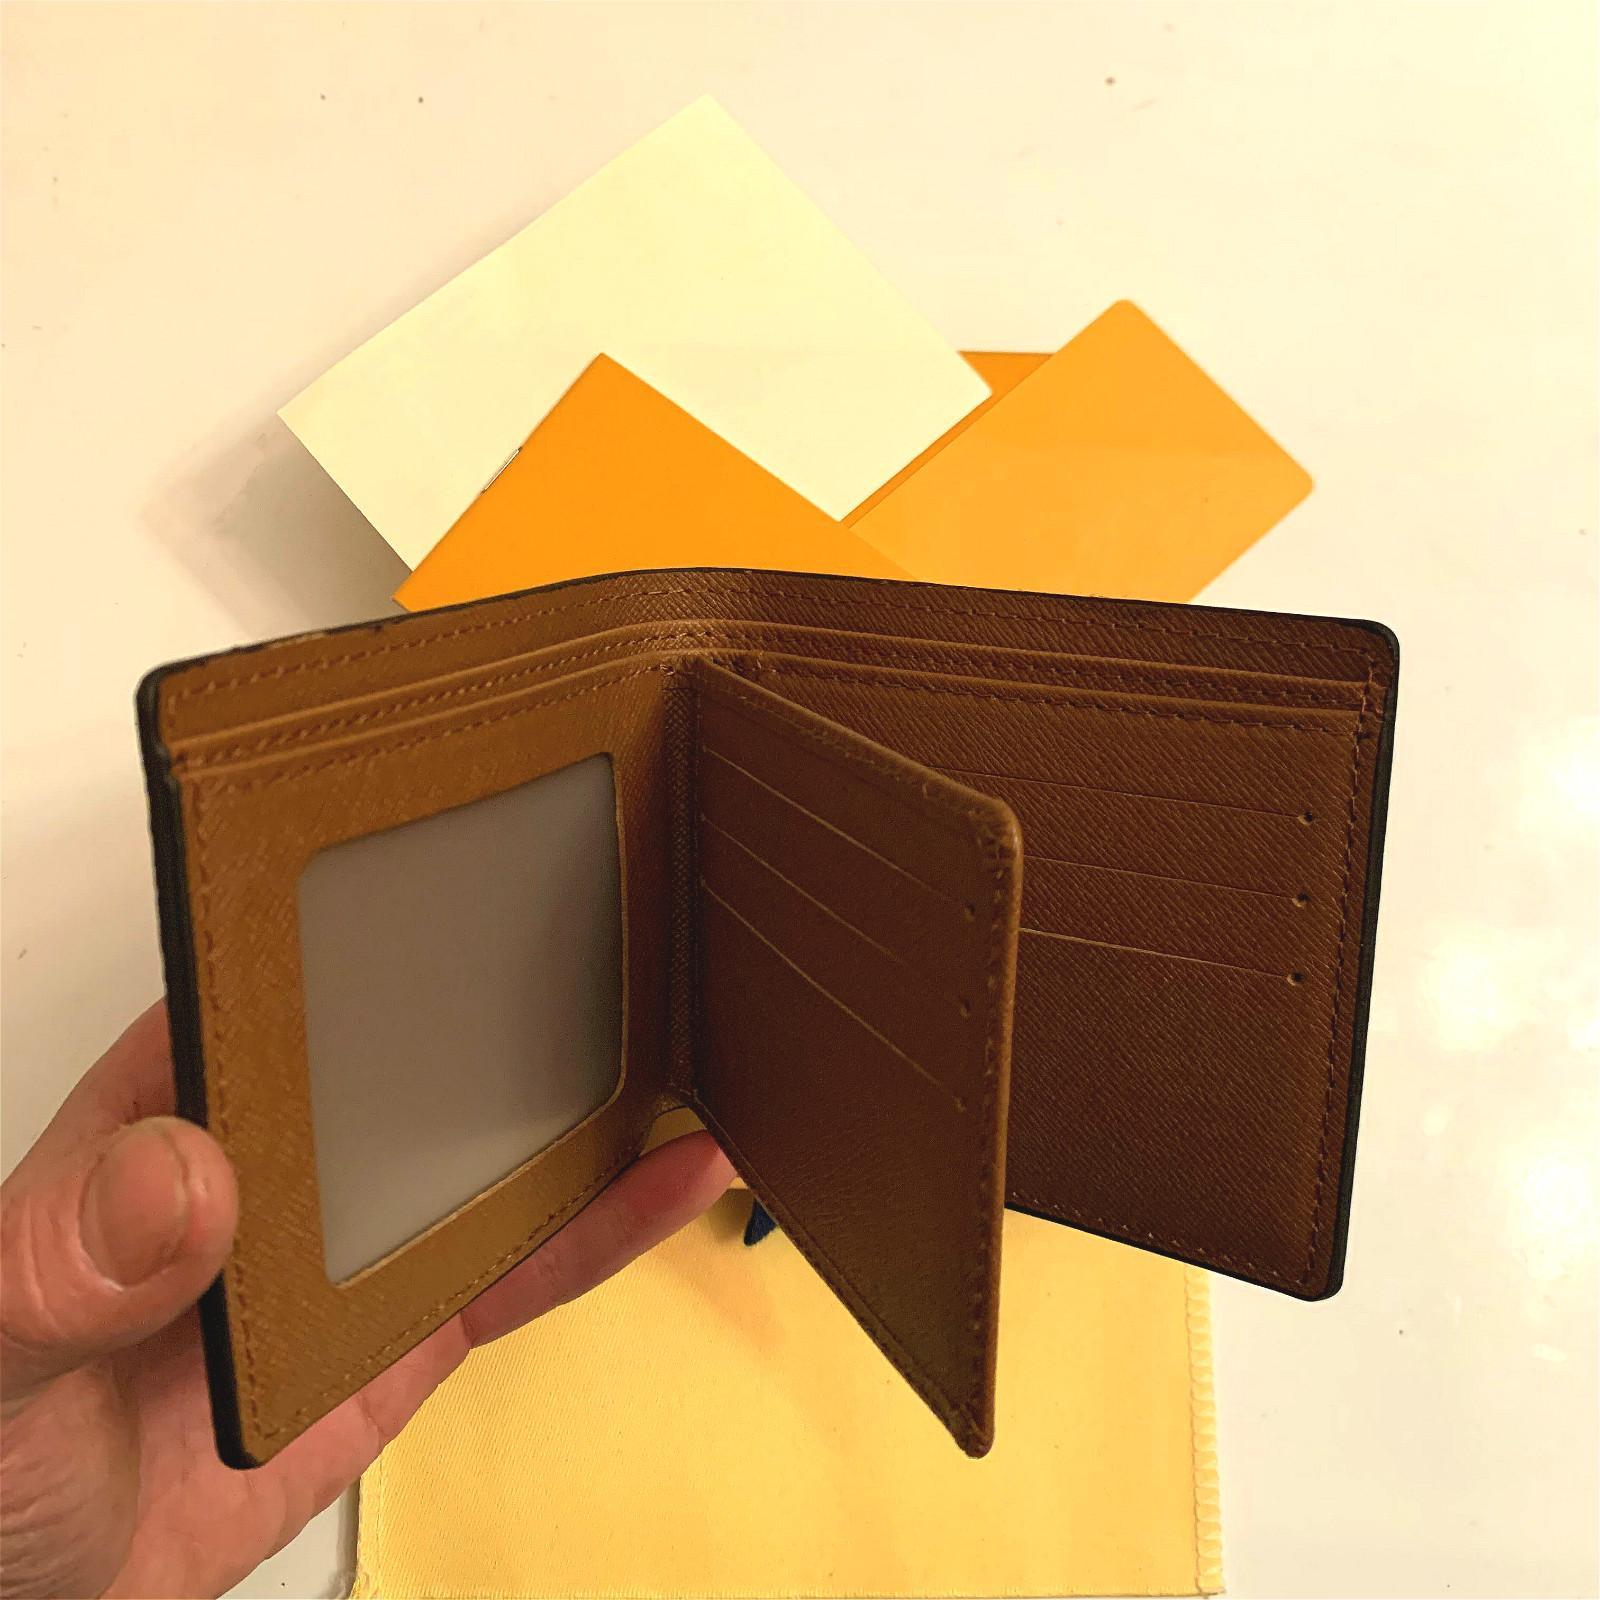 2020 nouveau sac Livraison Gratuite Livraison Billfold Modèle à carreaux de haute qualité Femmes portefeuille hommes Pureaux de concepteur H haut-gamme portefeuille avec boîte 119